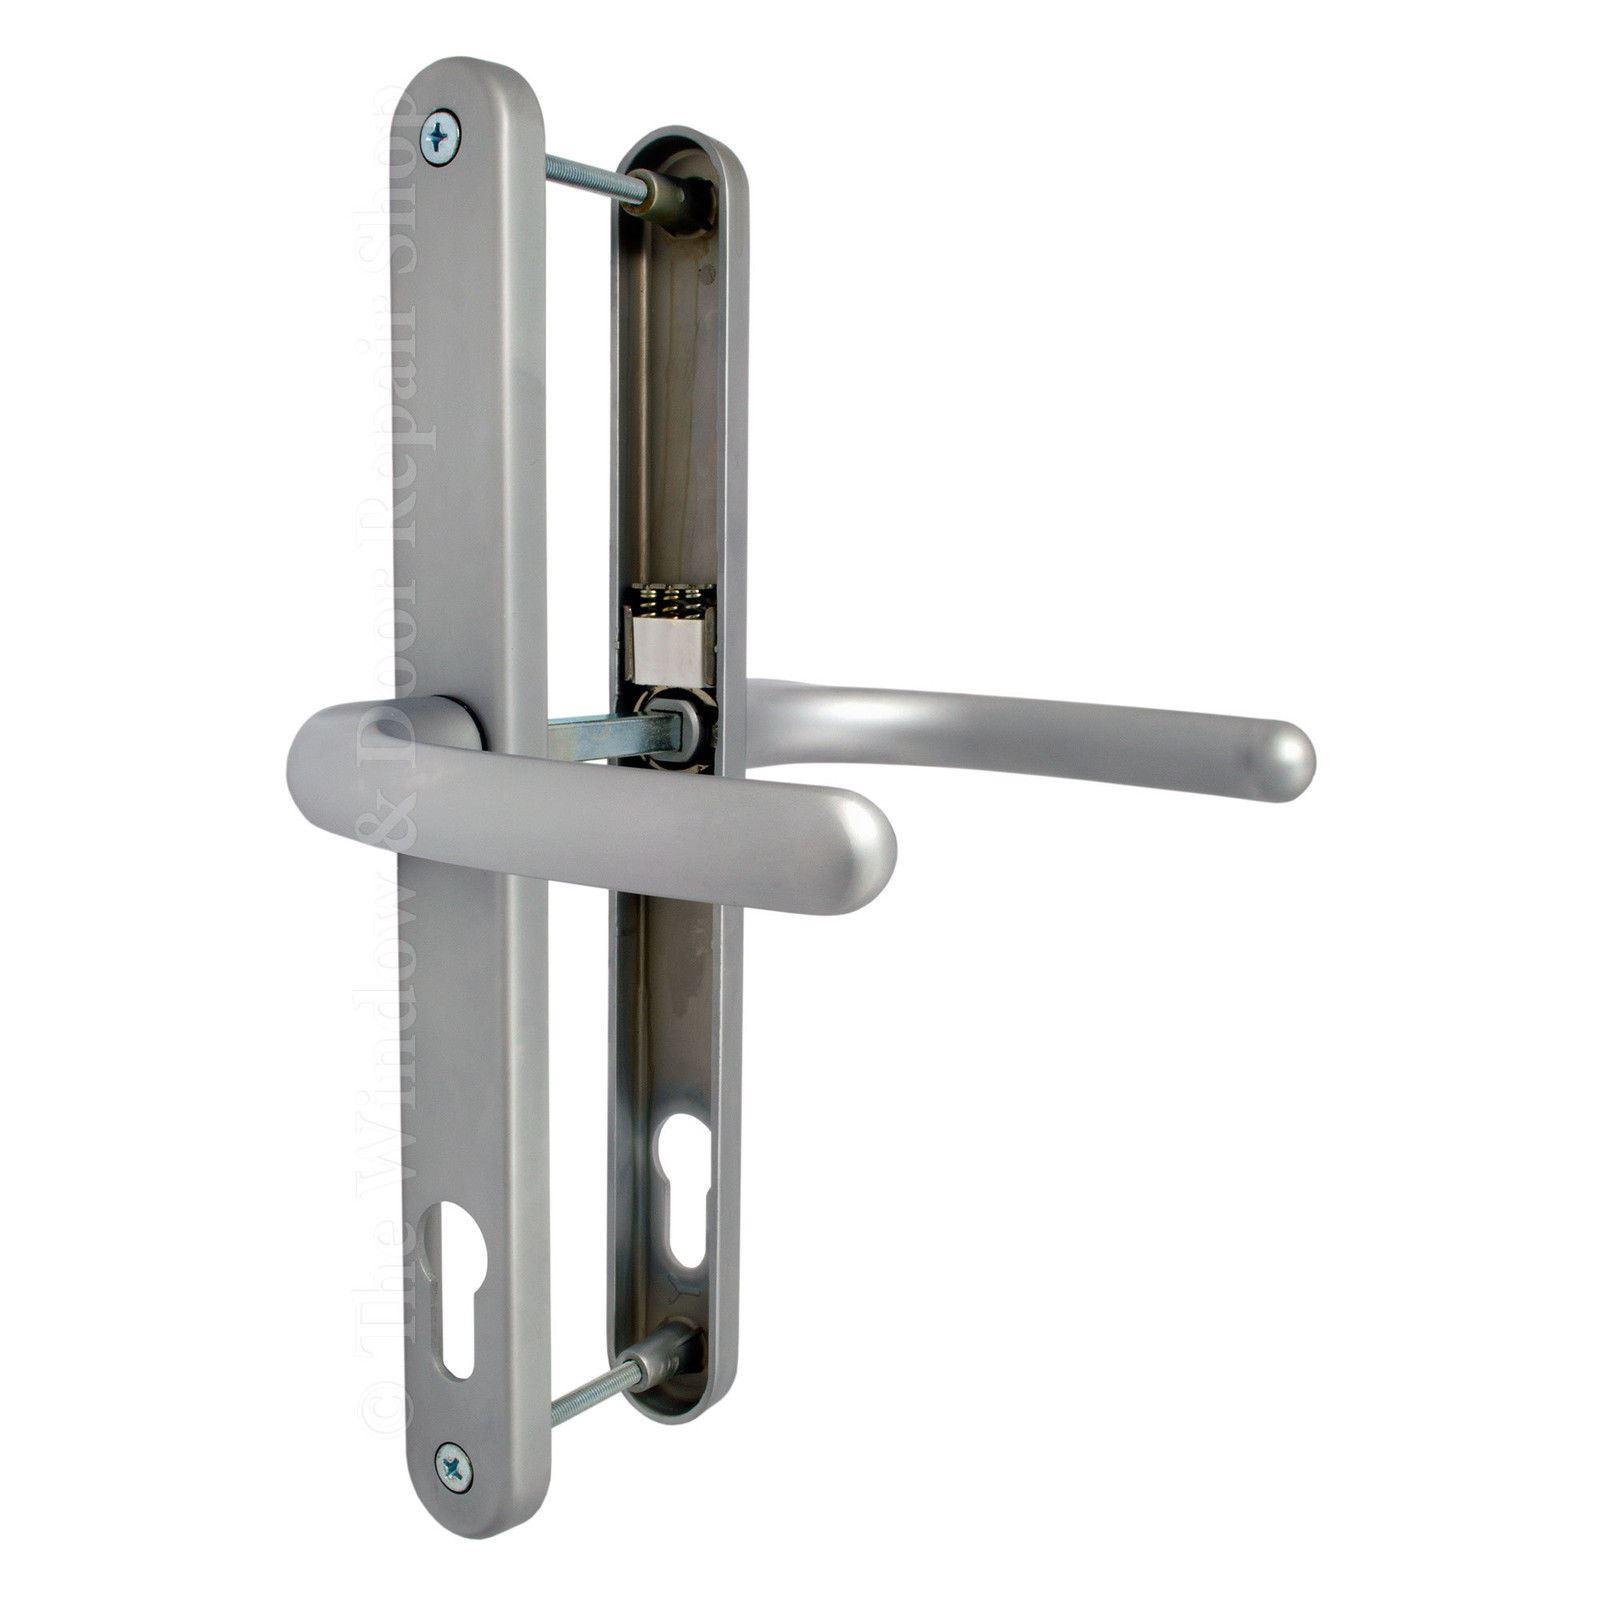 Upvc Door Handle Blenheim 92mm 92pz 240mm Fixings Double